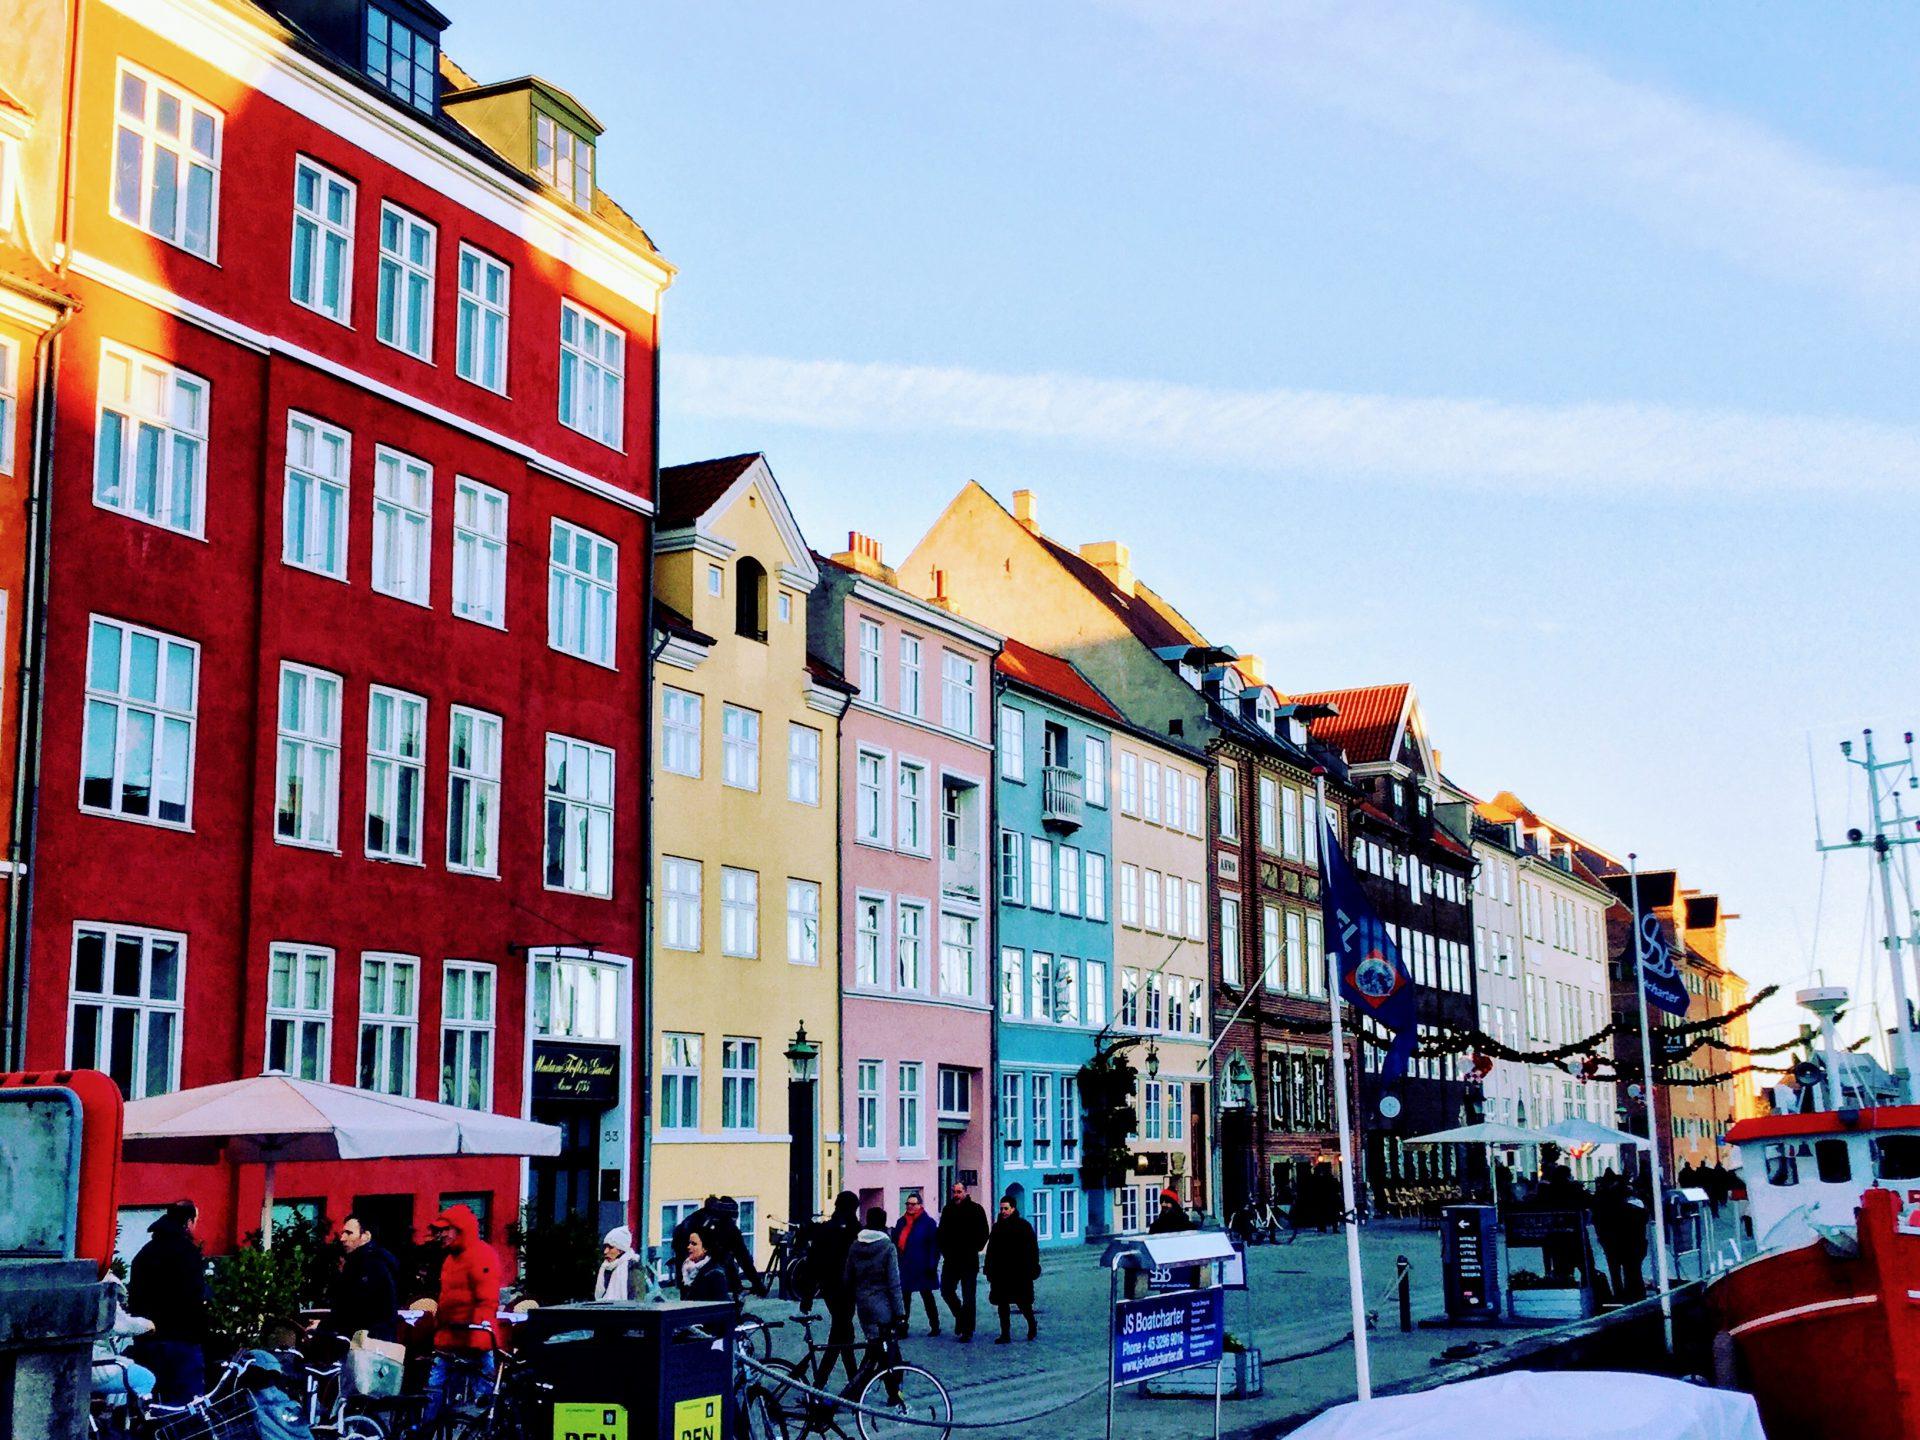 drukste en meest toeristische plek van Kopenhagen heen, al is het toch leuk ook dit even gezien te hebben. De gekleurde huisjes en de mooie schepen zijn het beeld wat je in je hoofd hebt als je naar Kopenhagen komt.